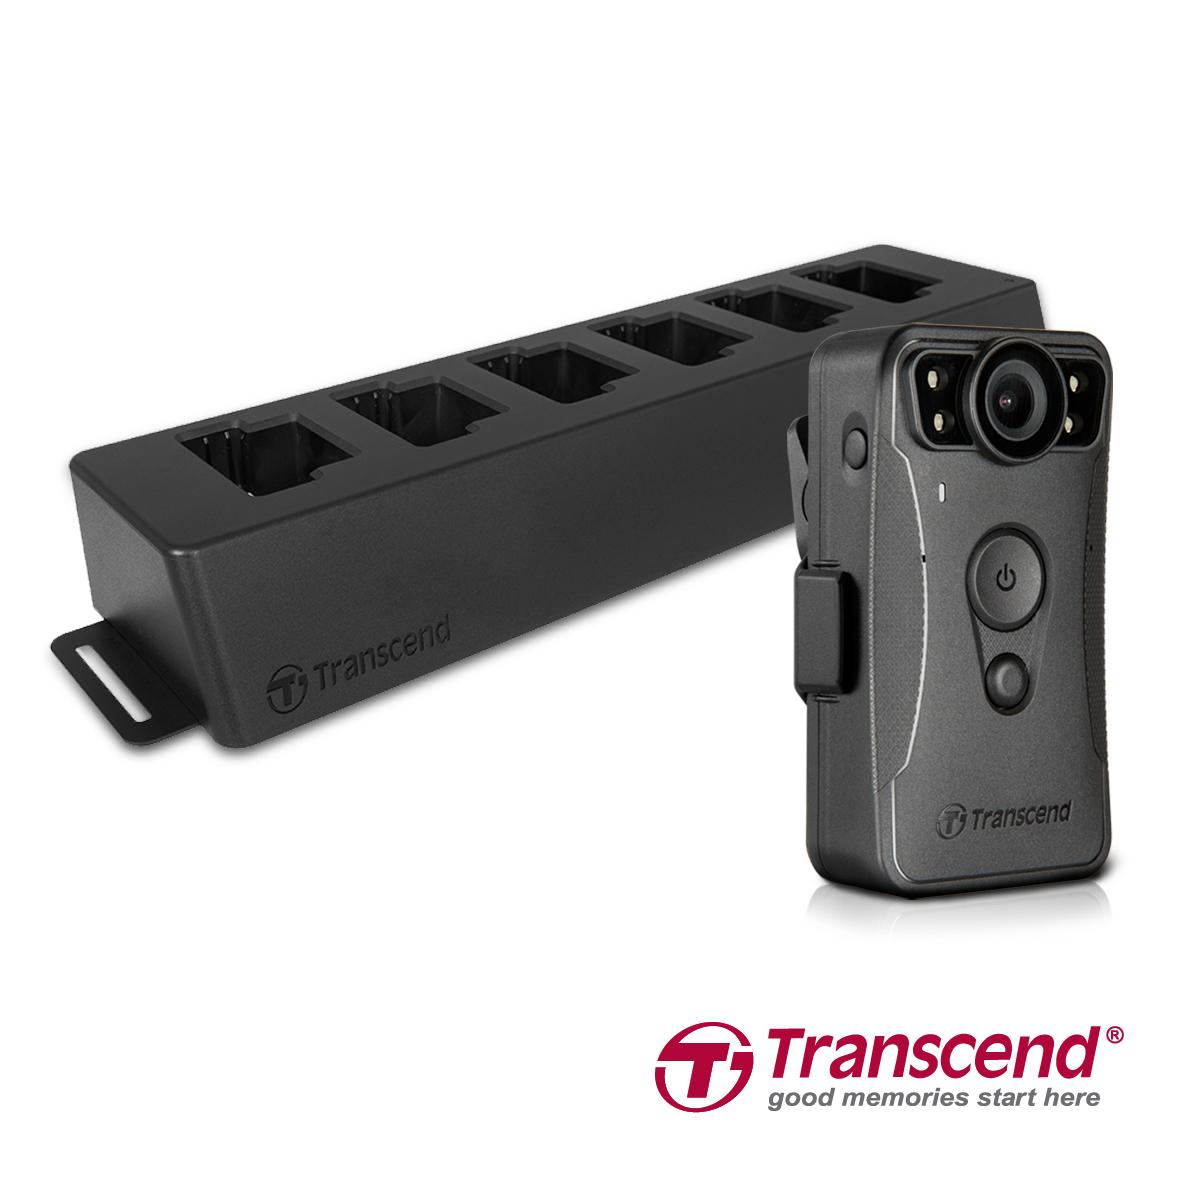 Transcend представляет DrivePro Body 30 – нагрудную камеру с оптимальной функциональностью